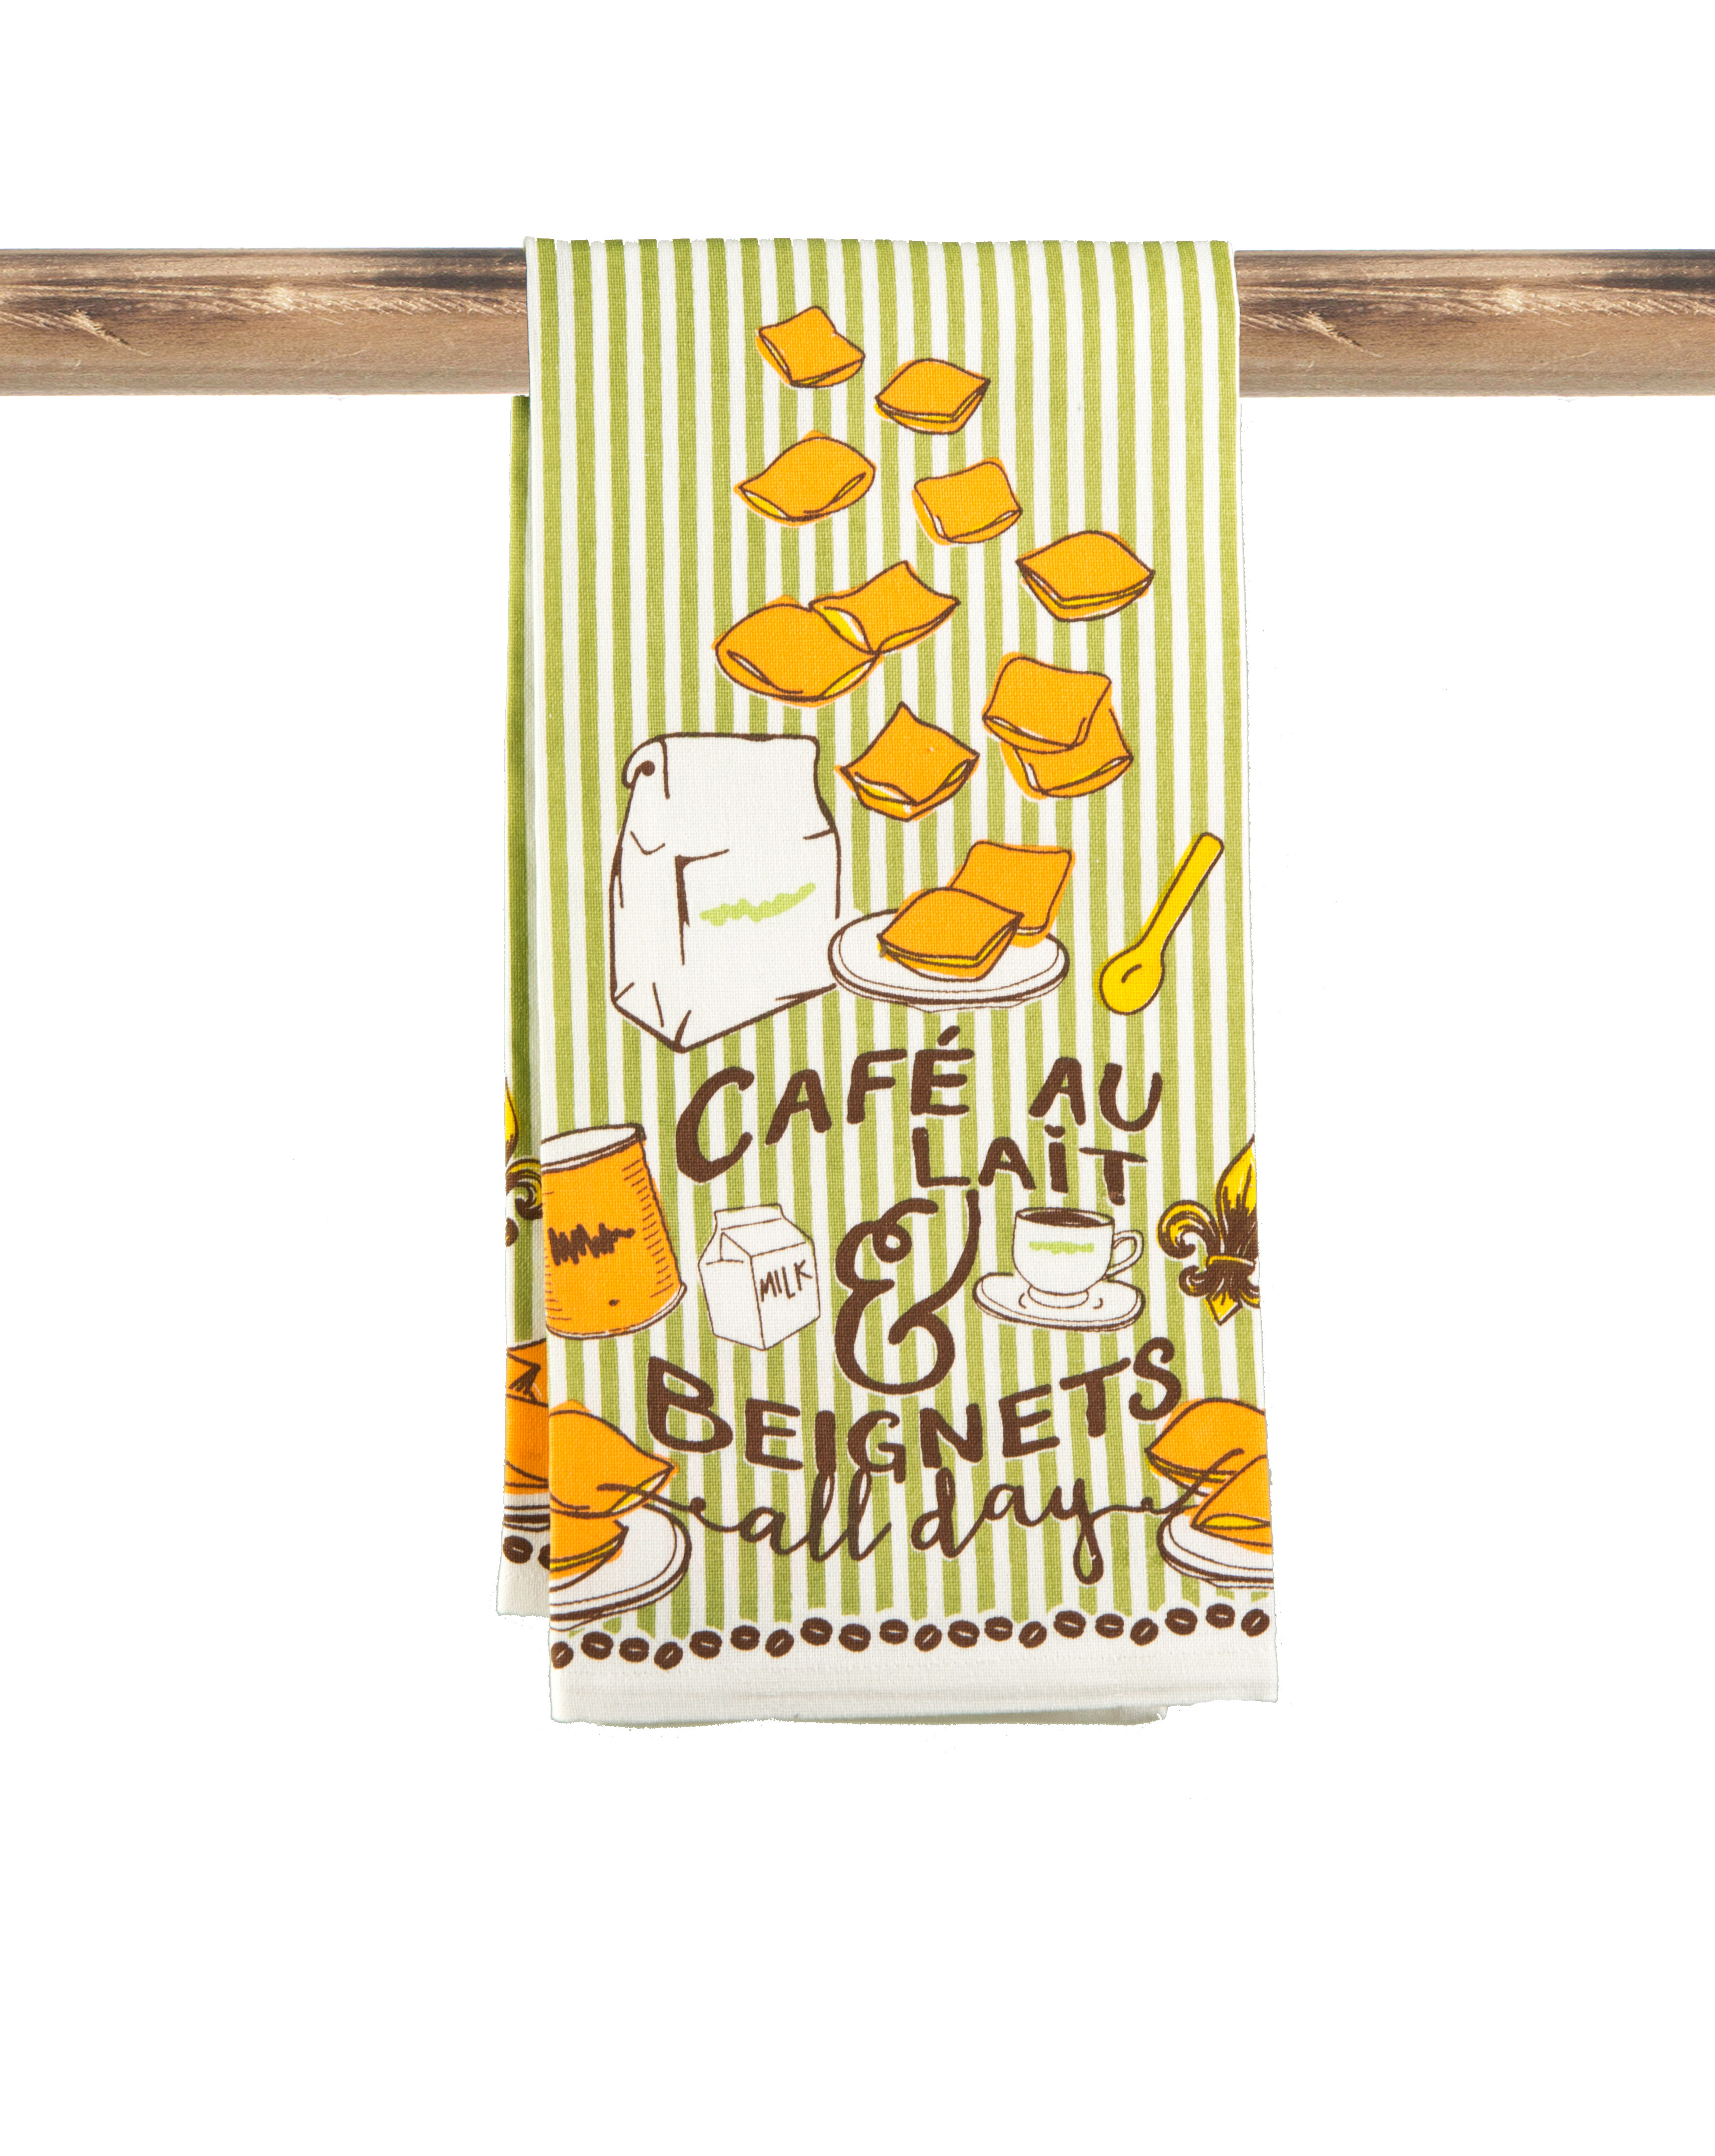 Cafe au lait kitchen decor - The Product Is Already In The Wishlist Browse Wishlist Creole Tomatoes Cafe Au Lait Laissez Les Bon Kitchen